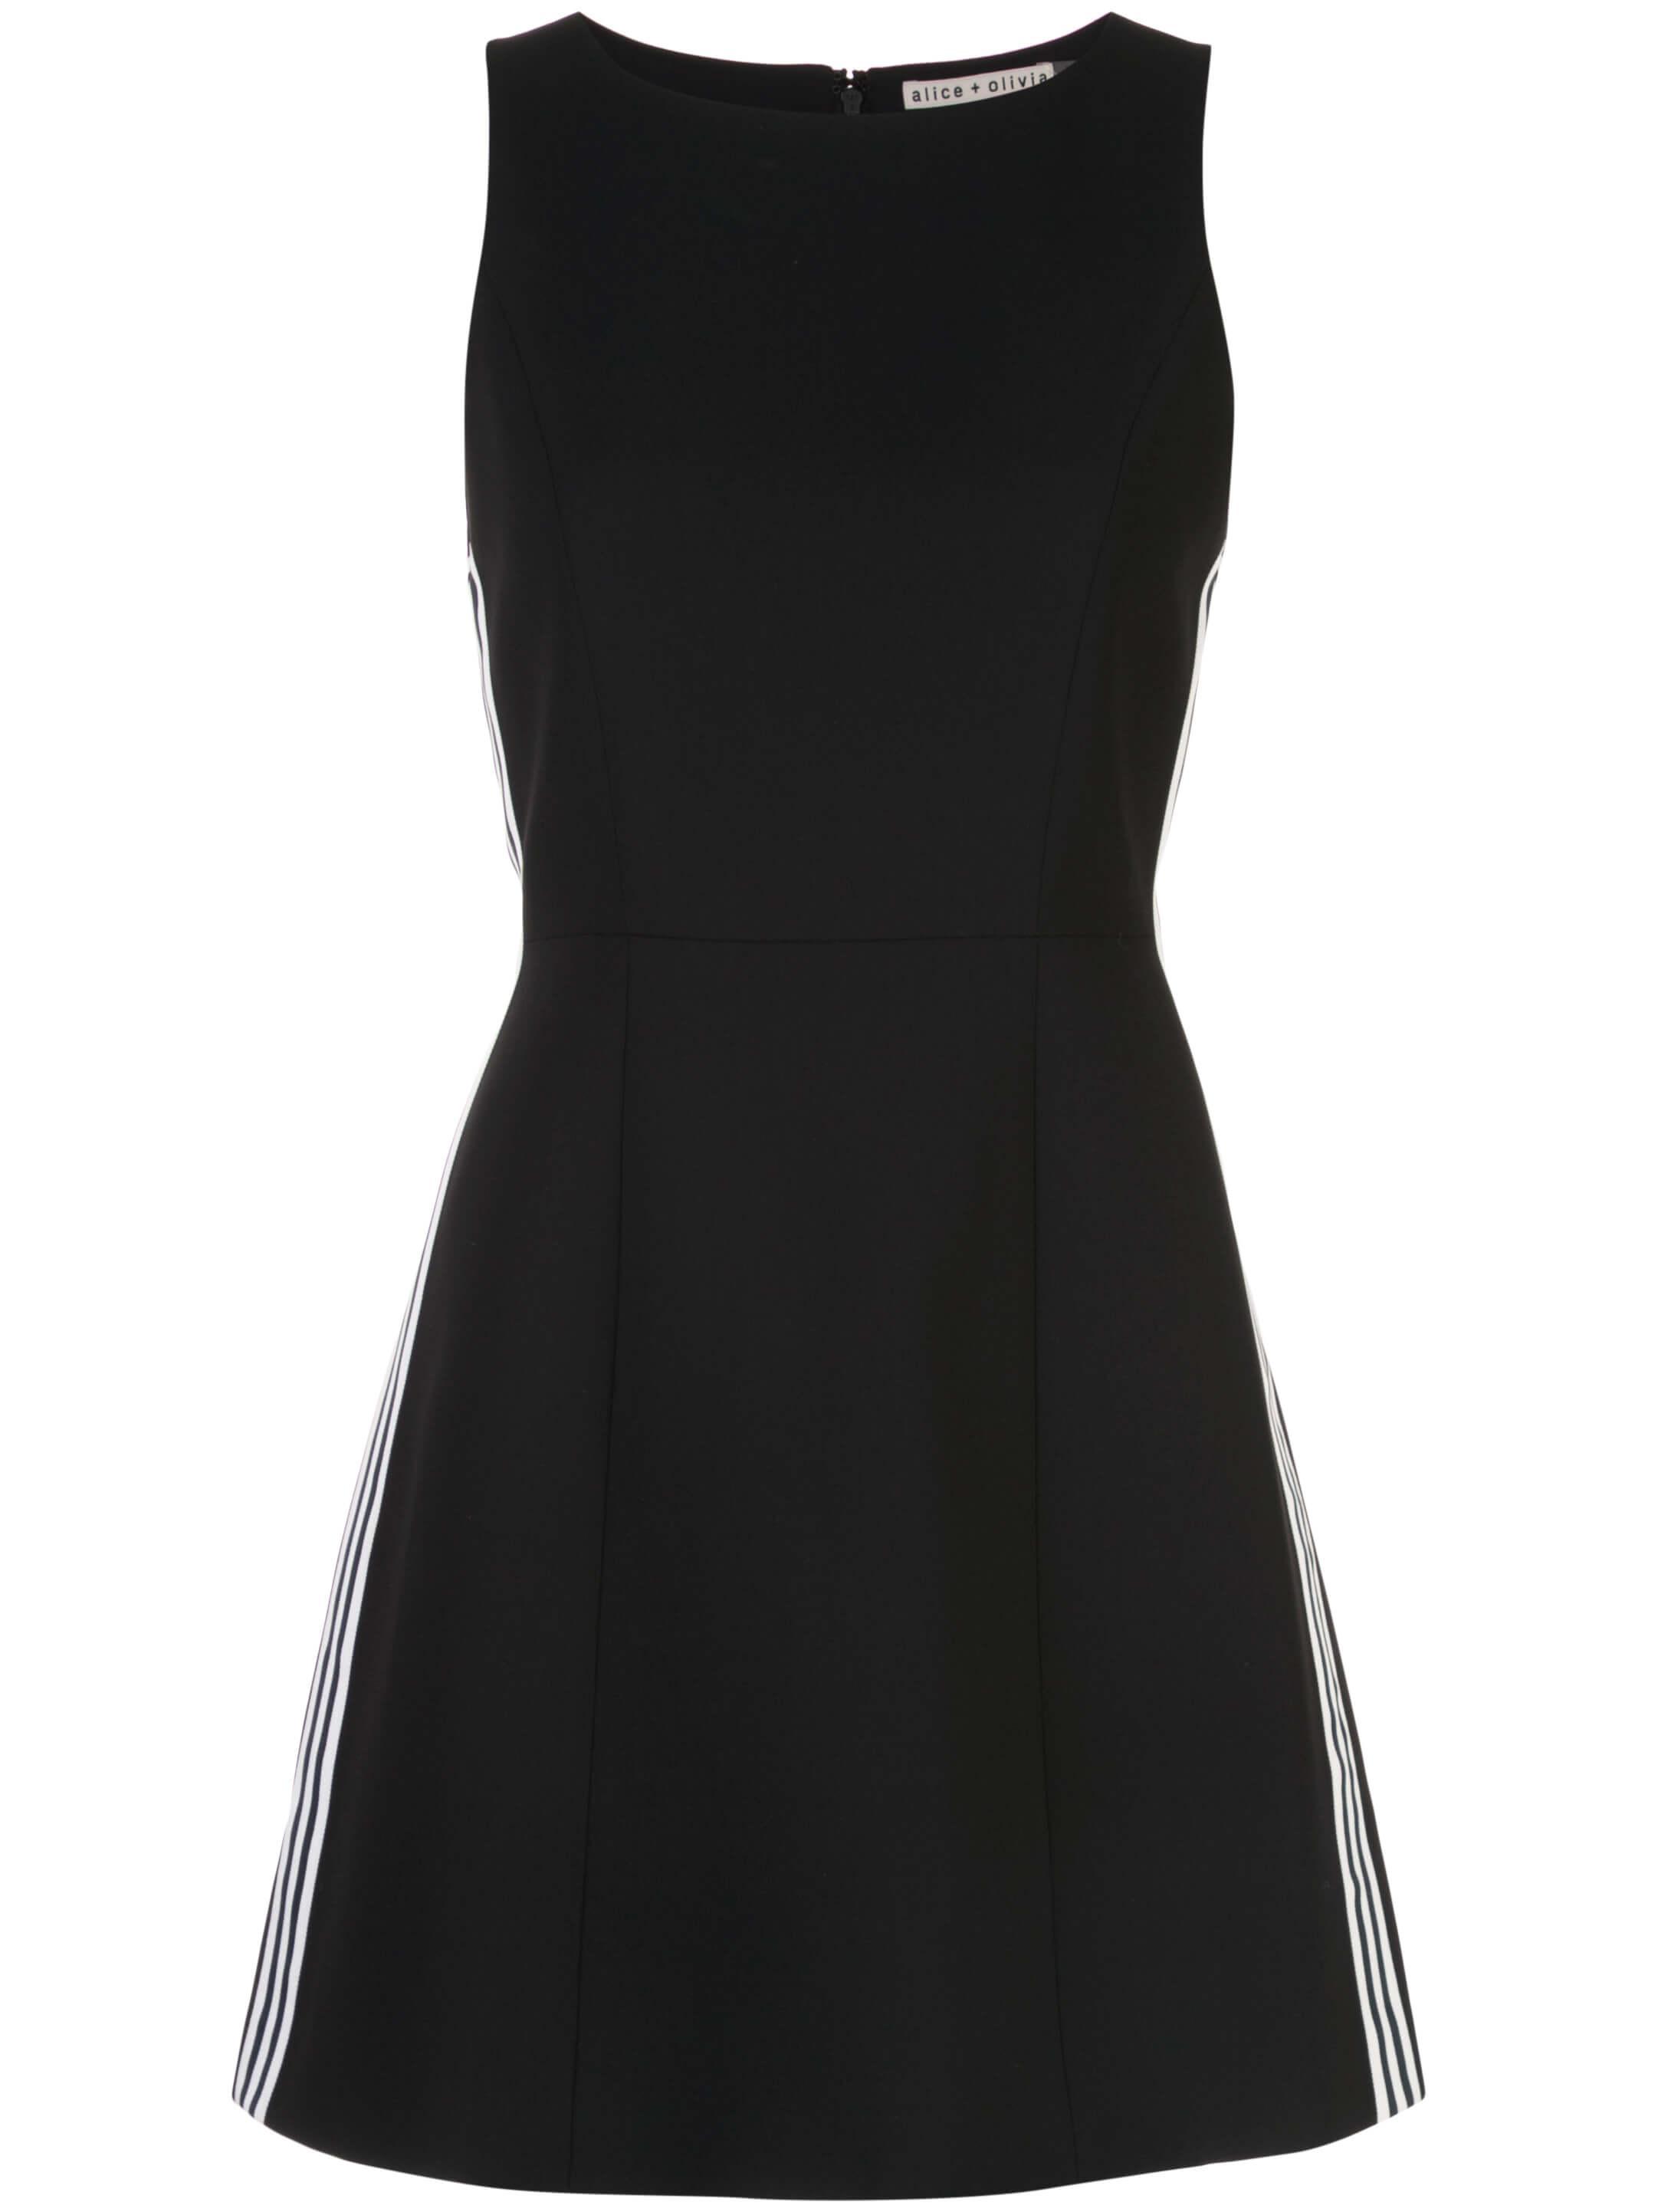 Lindsey Structured Side Stripe Dress Item # CC002202515